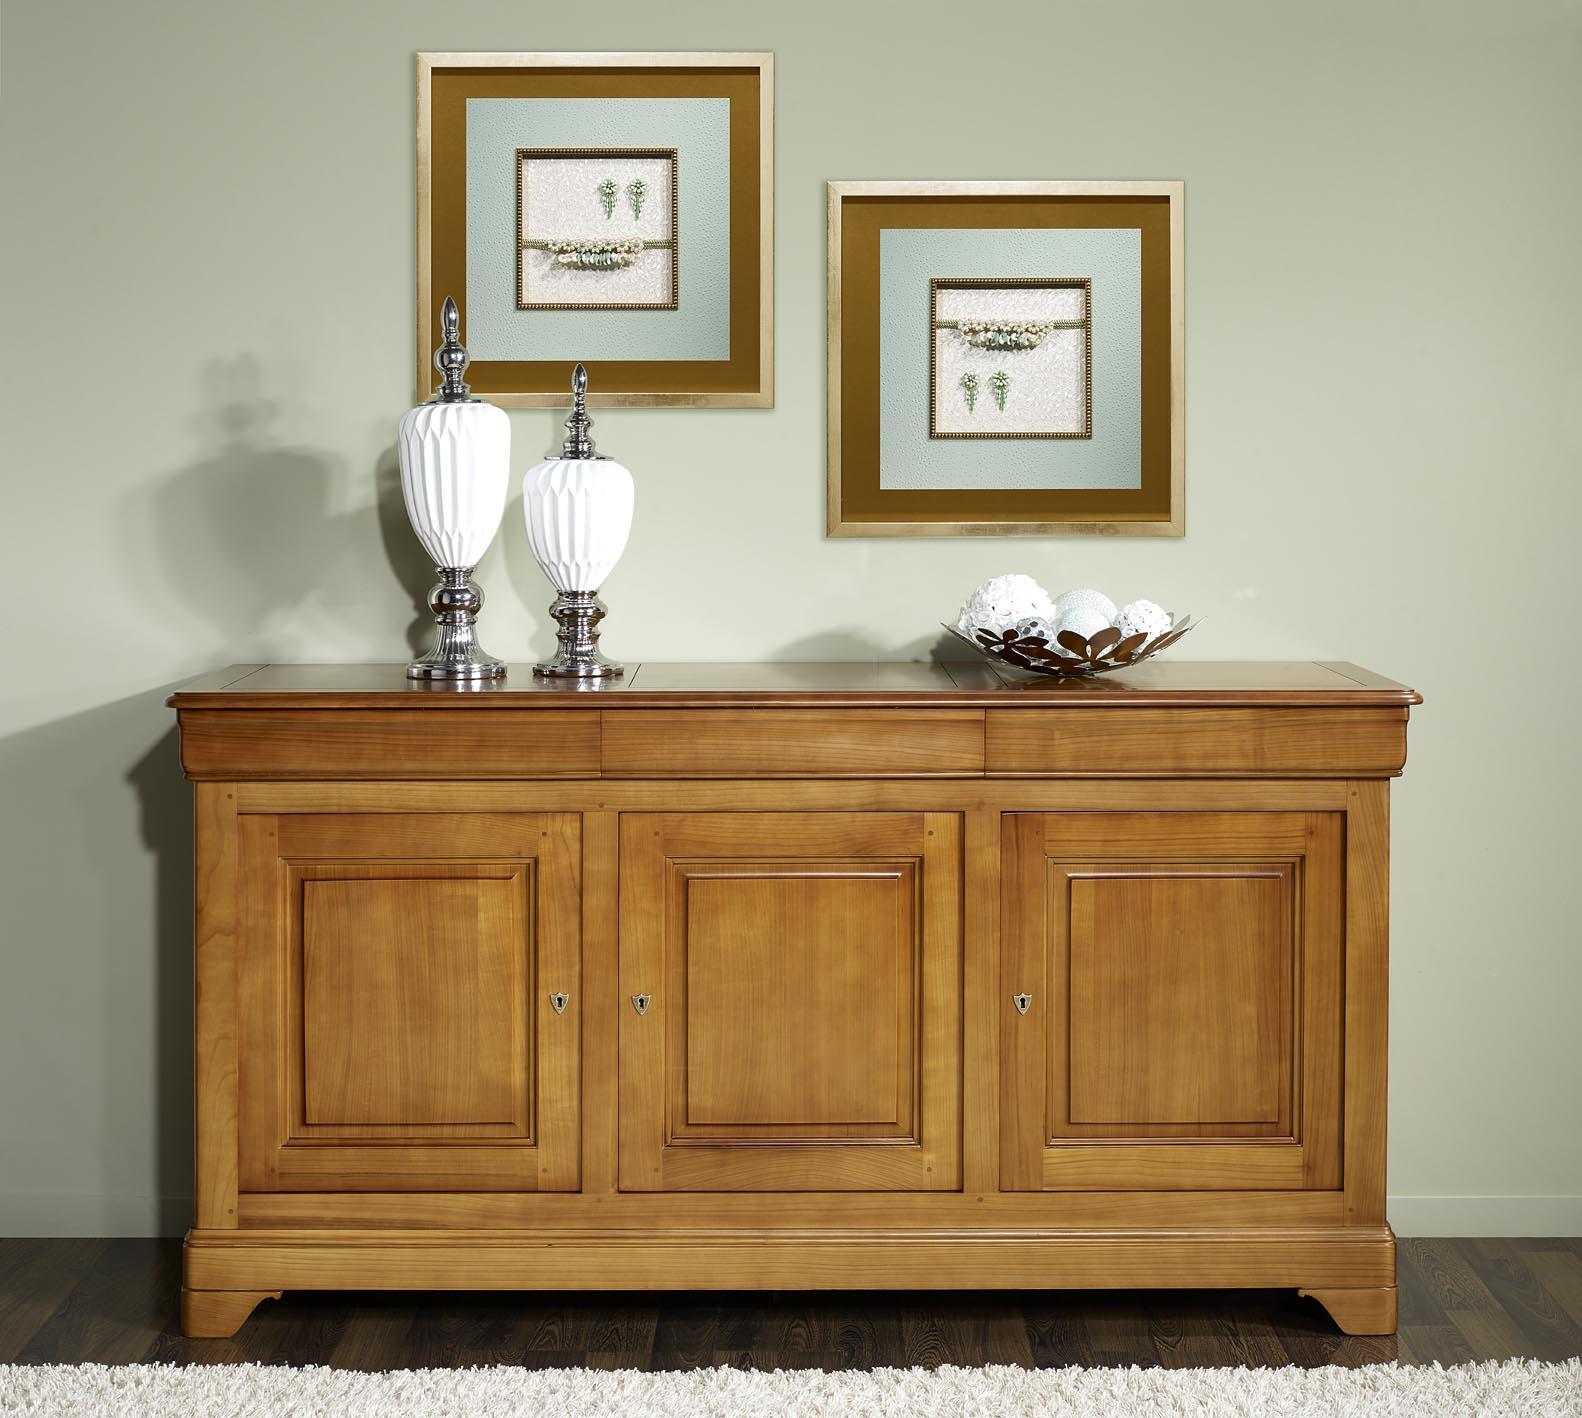 buffet 3 portes estelle en merisier massif de style louis philippe meuble en merisier. Black Bedroom Furniture Sets. Home Design Ideas